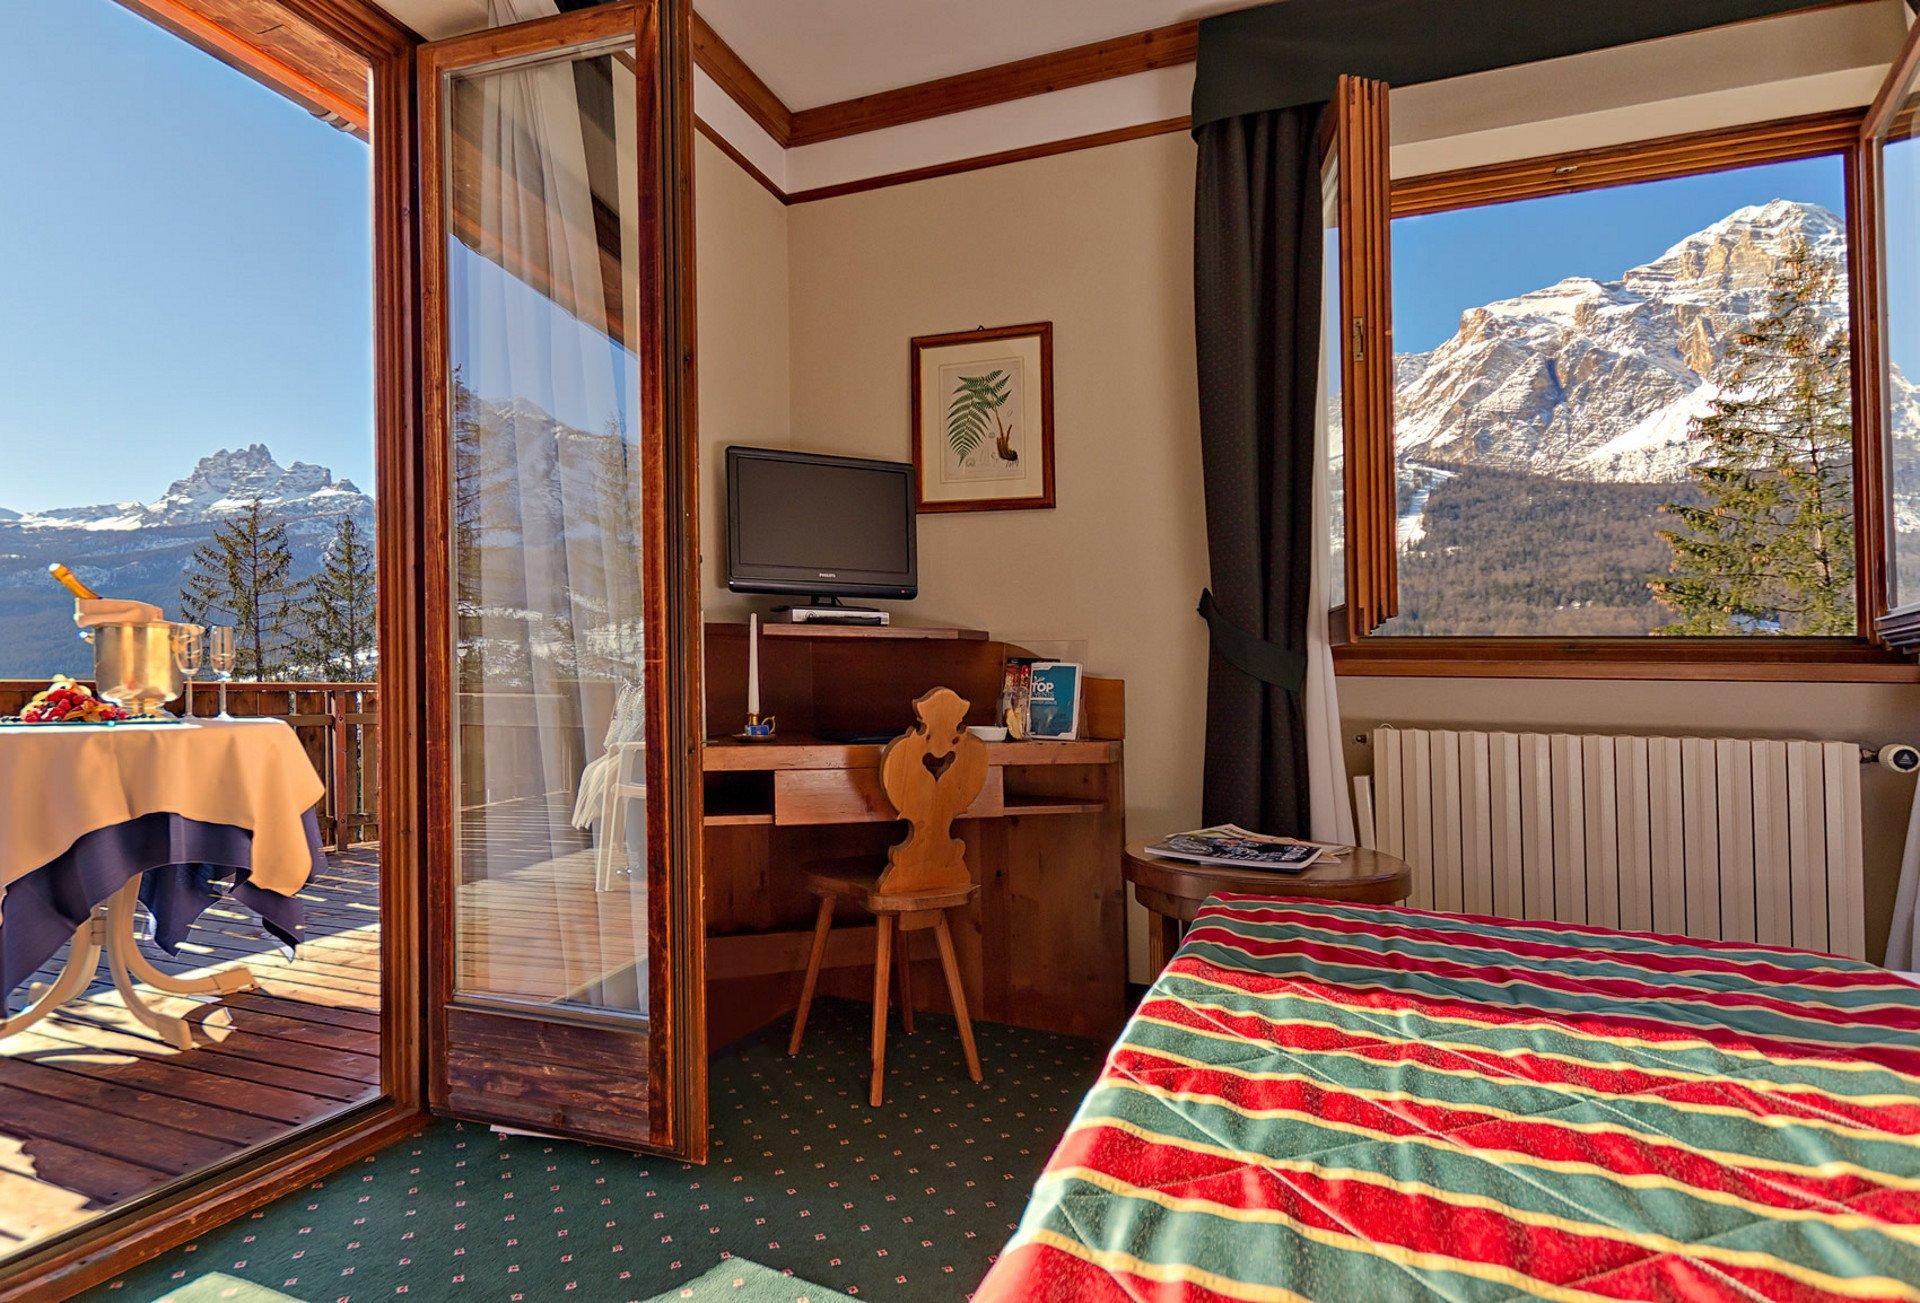 Boutique hotel villa blu cortina cortina d 39 ampezzo bl for Boutique hotel 8eme